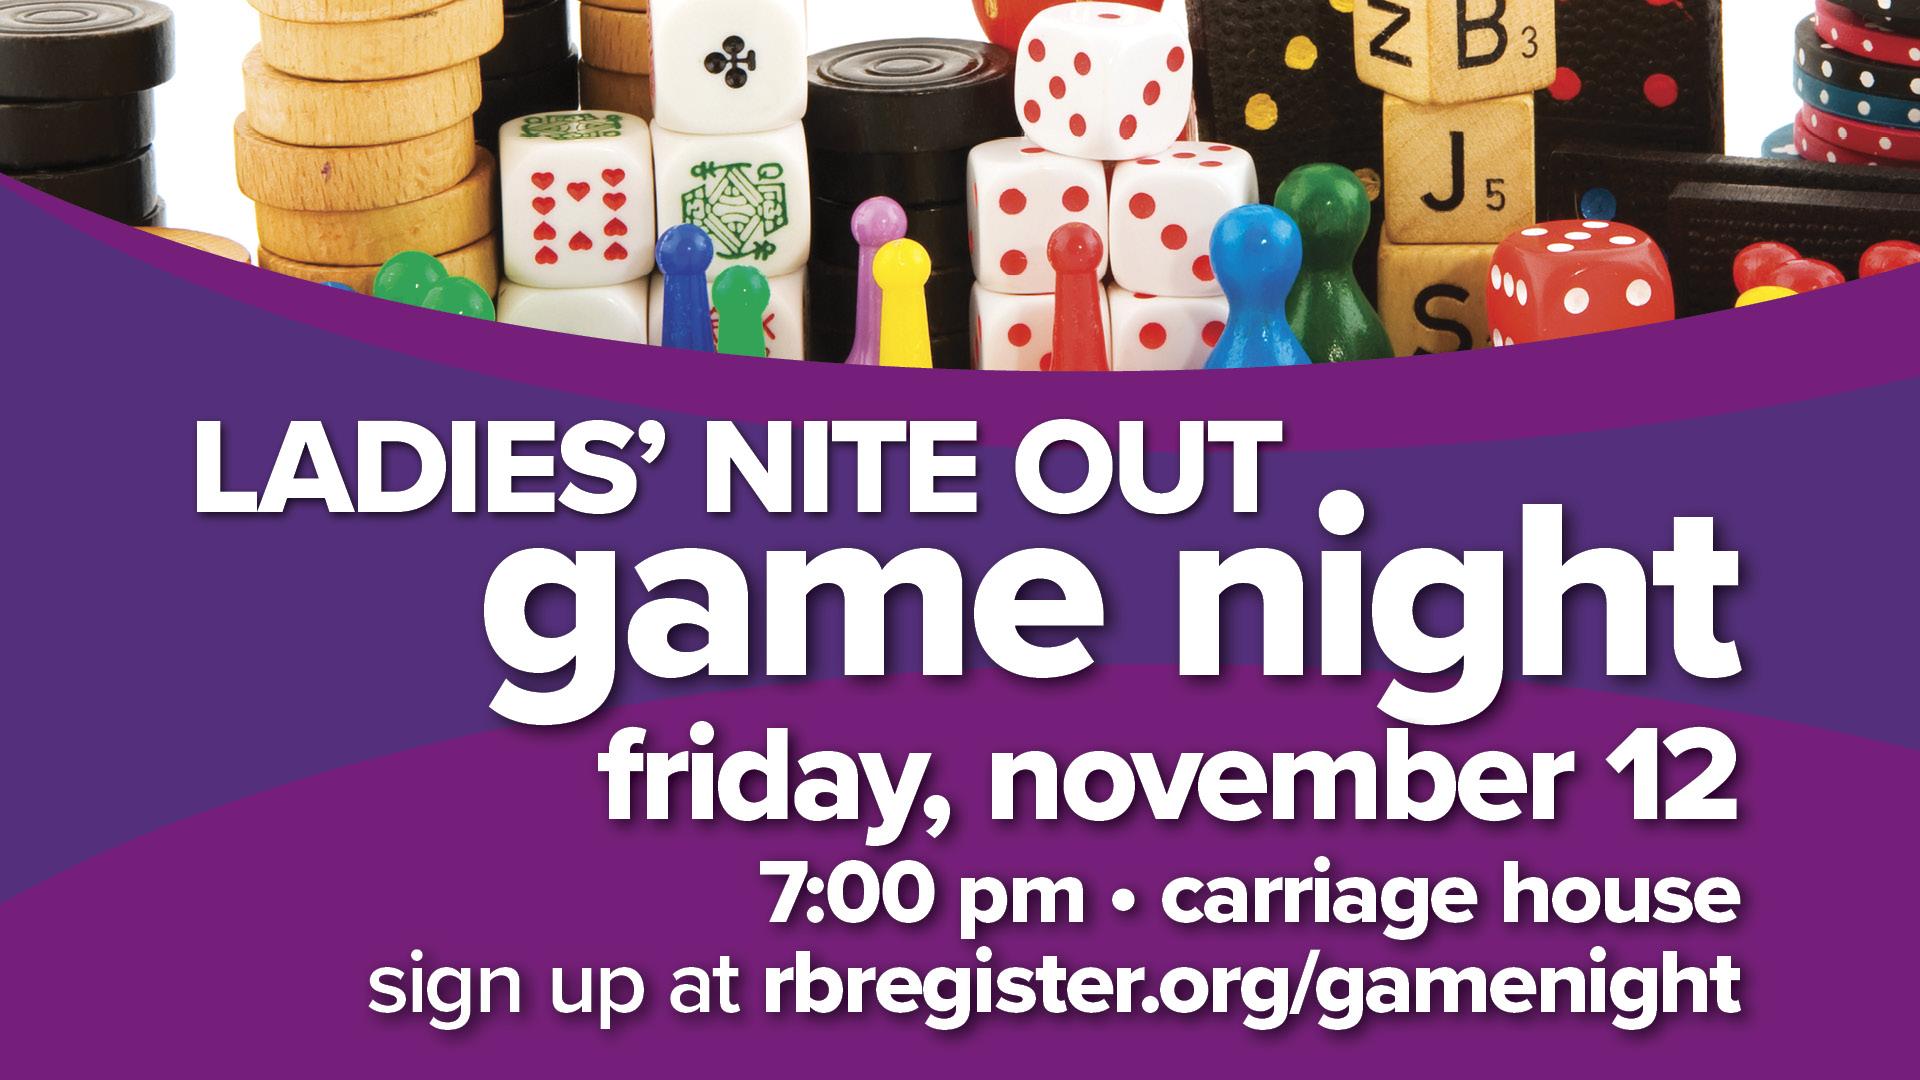 LNO Game Night